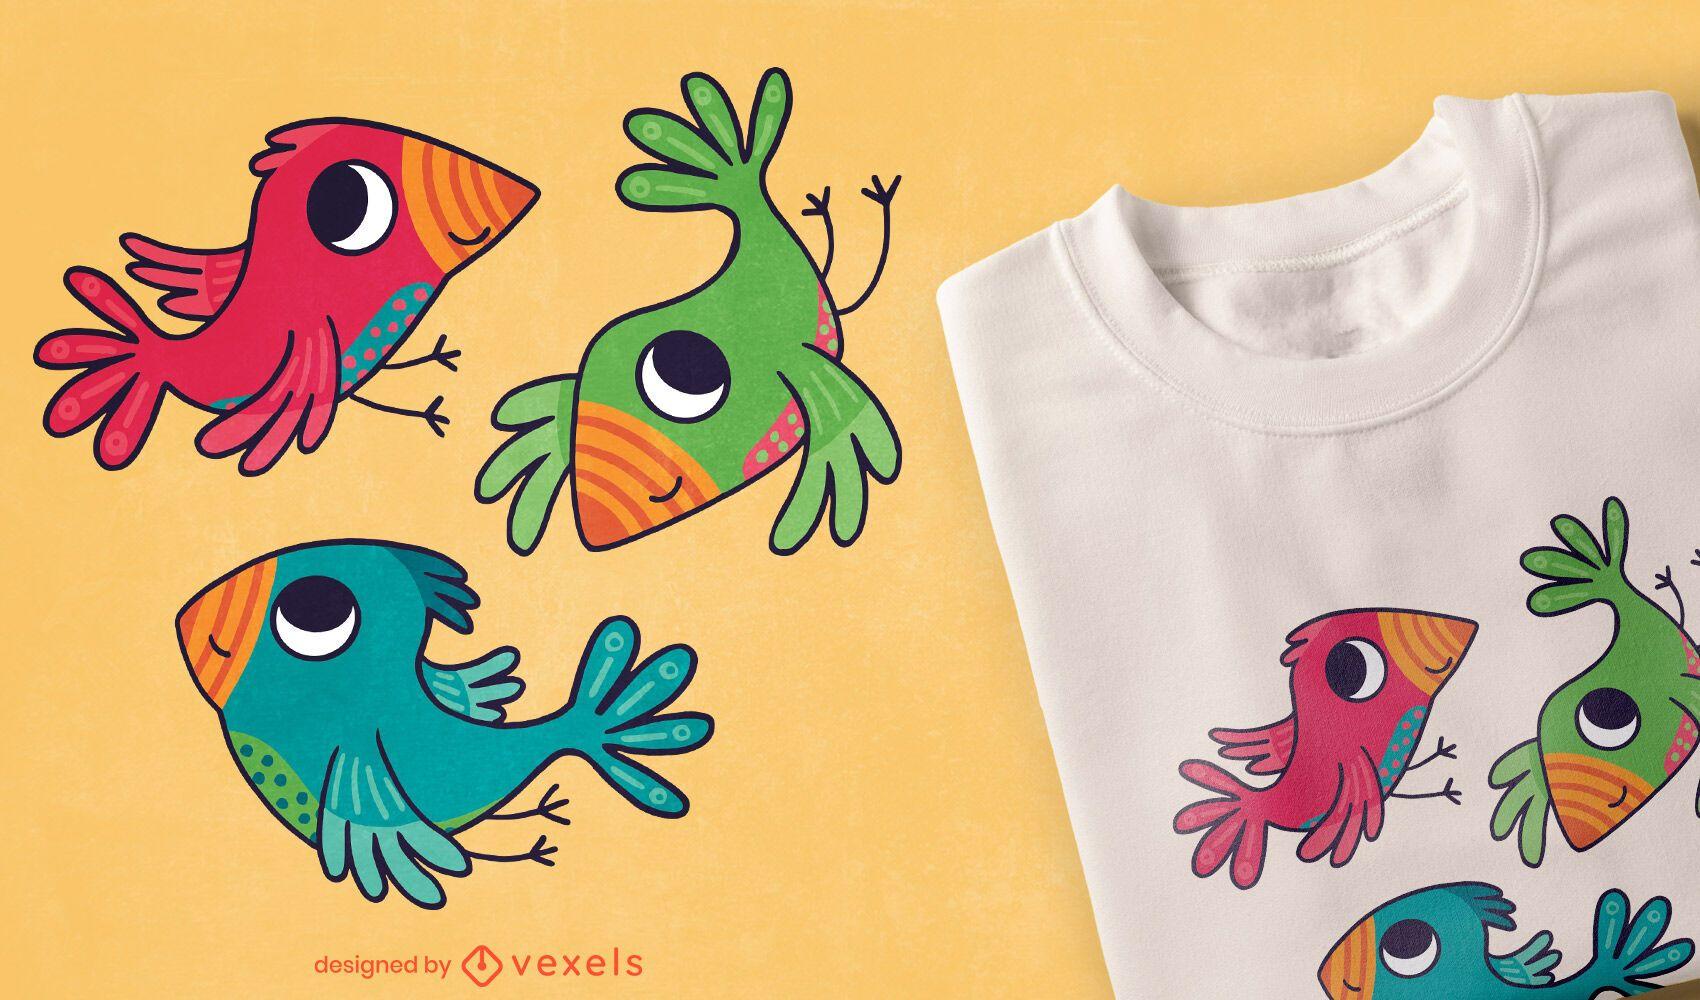 Dise?o de camiseta de p?jaros de dibujos animados coloridos